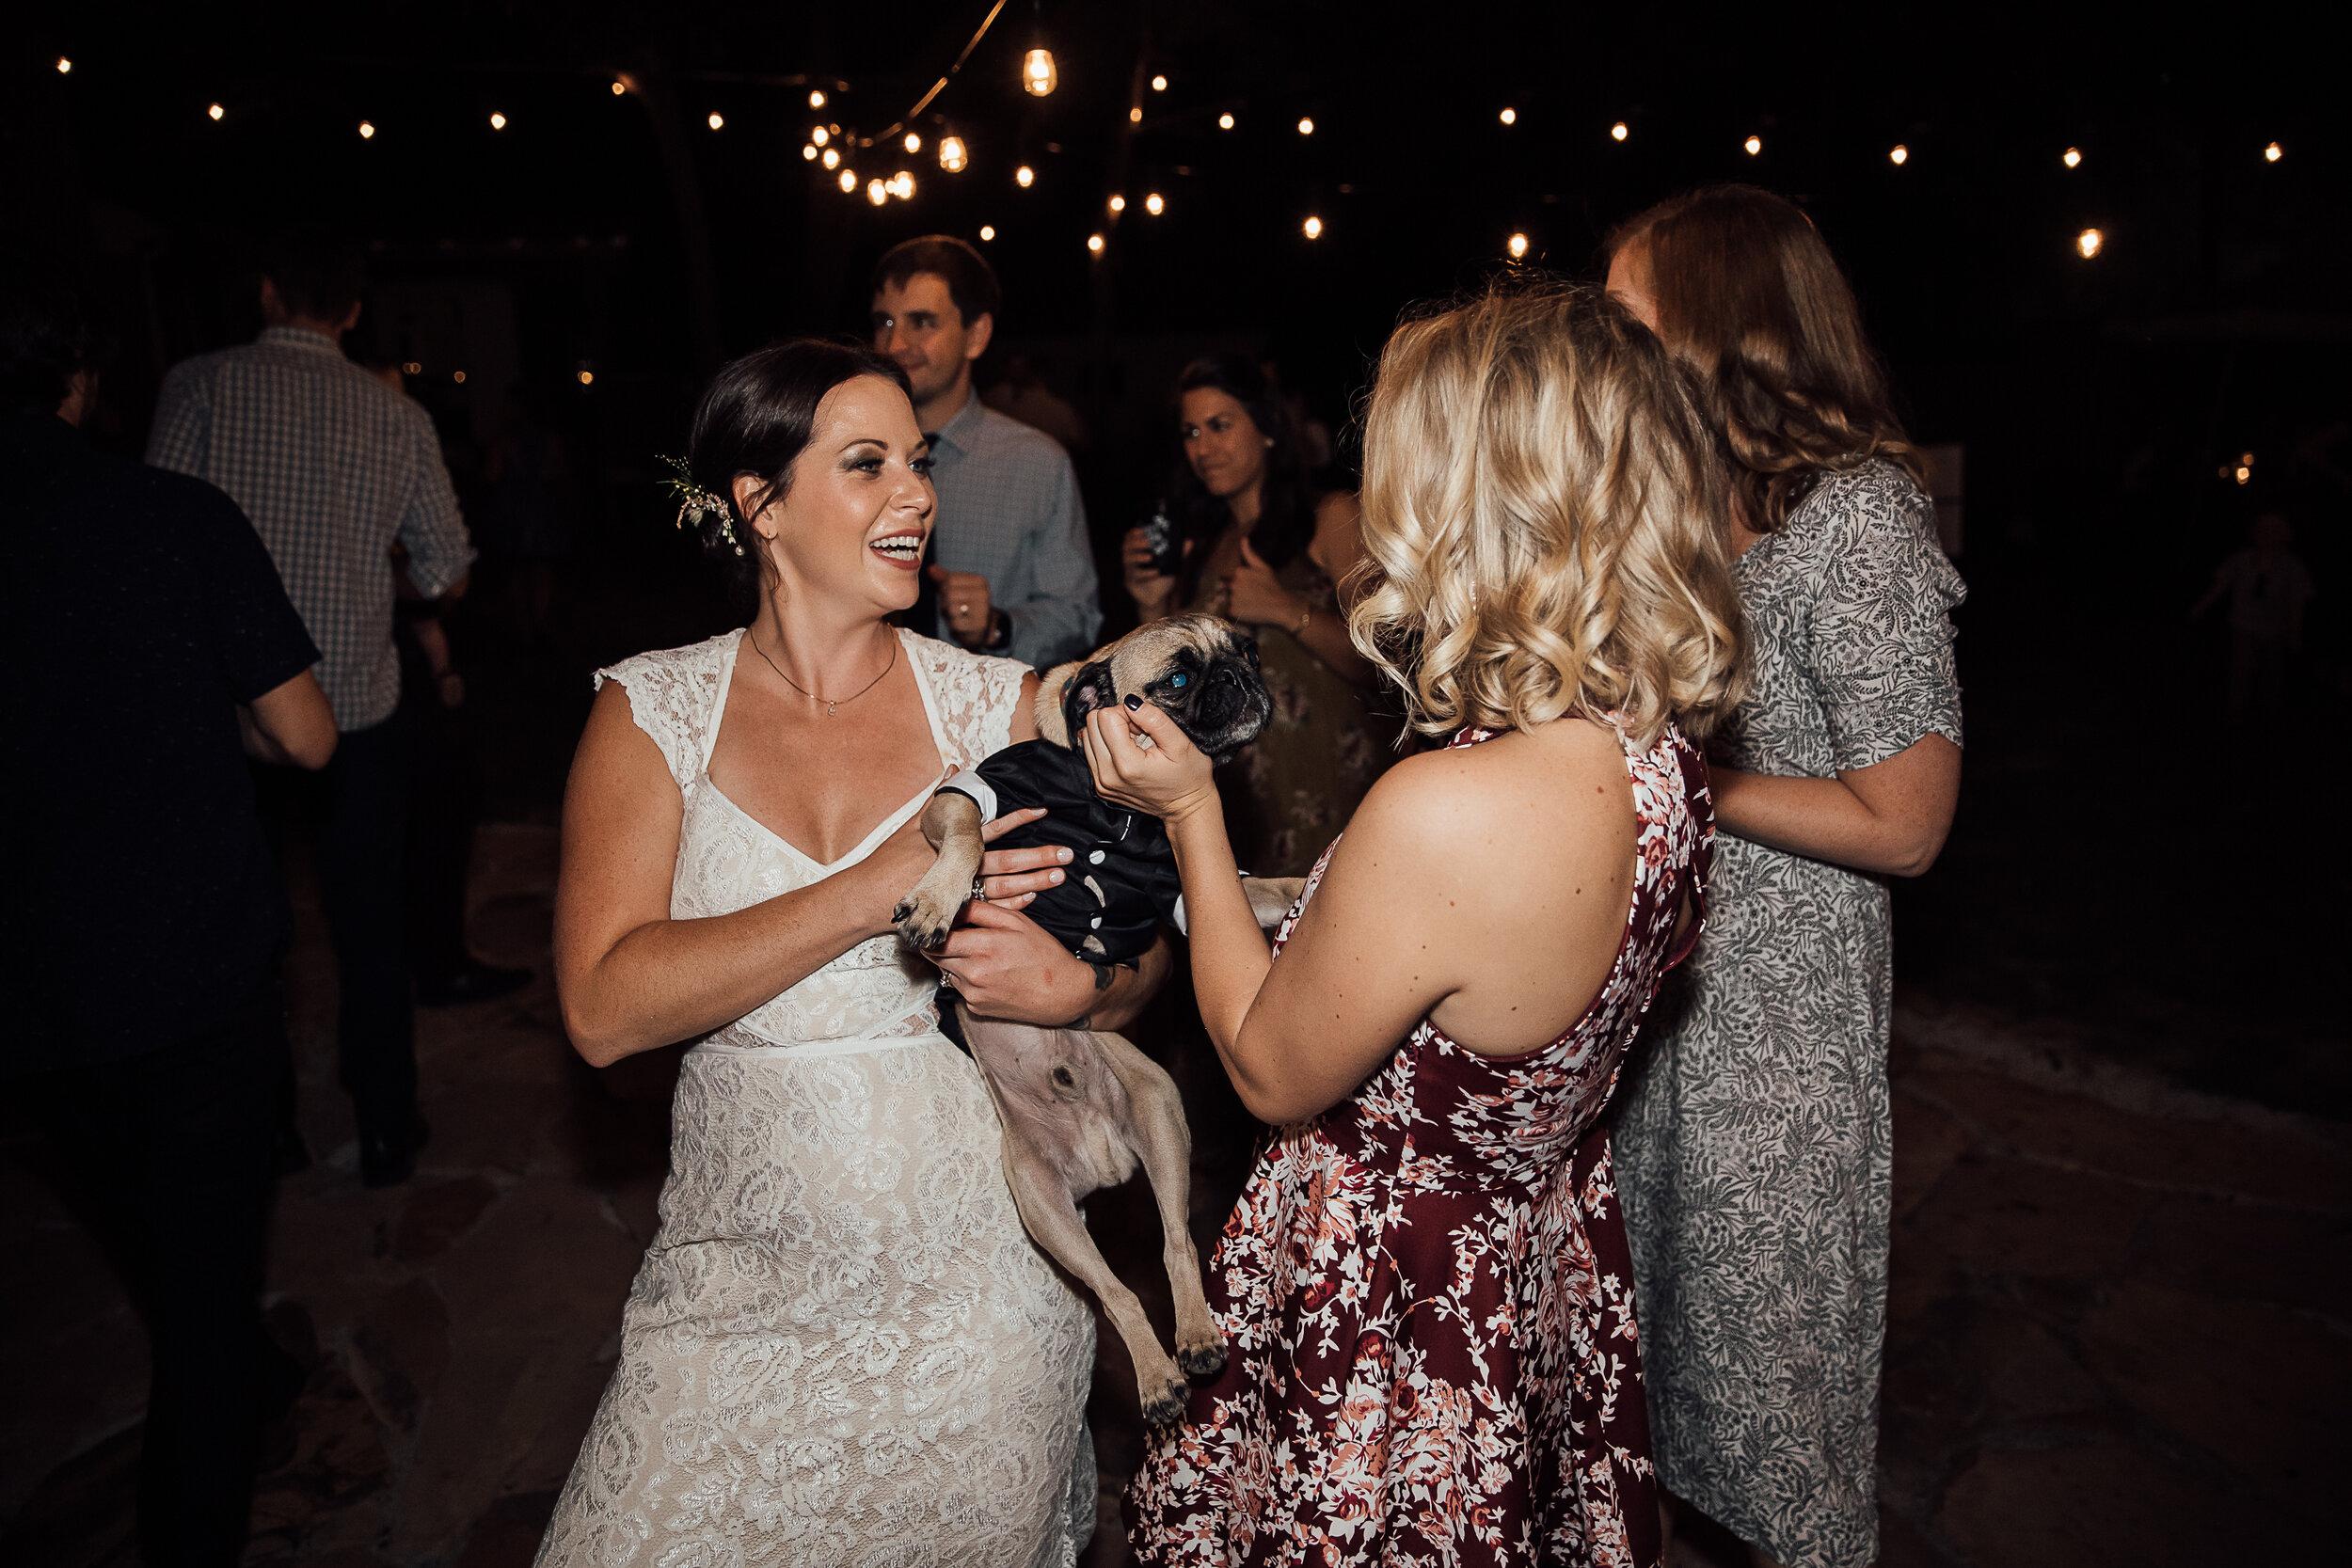 Allison-and-Wesley-Memphis-Backyard-Wedding-TheWarmthAroundYou-72.jpg